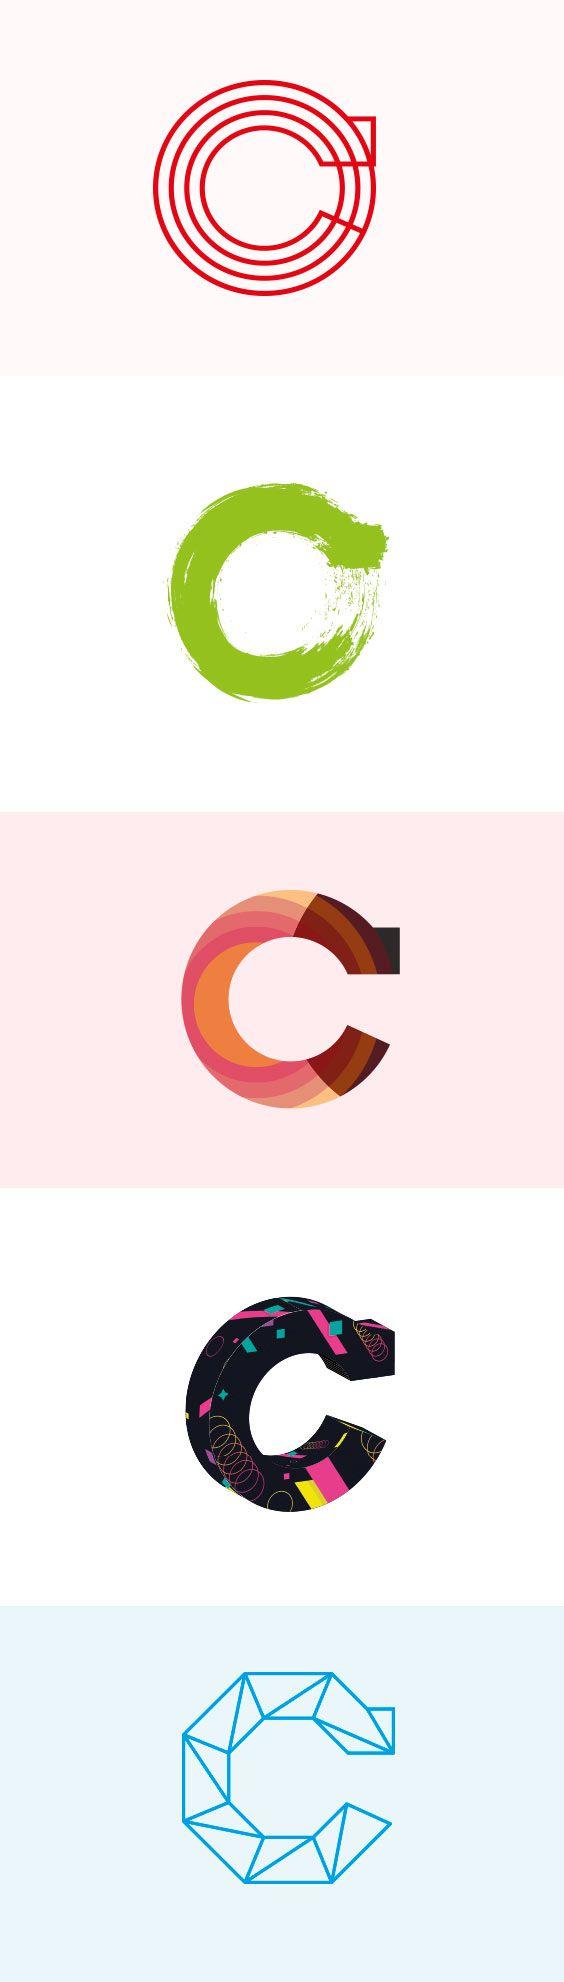 Diseño gráfico. Identidad corporativa. Marca profesional. Logotipo dinámico.